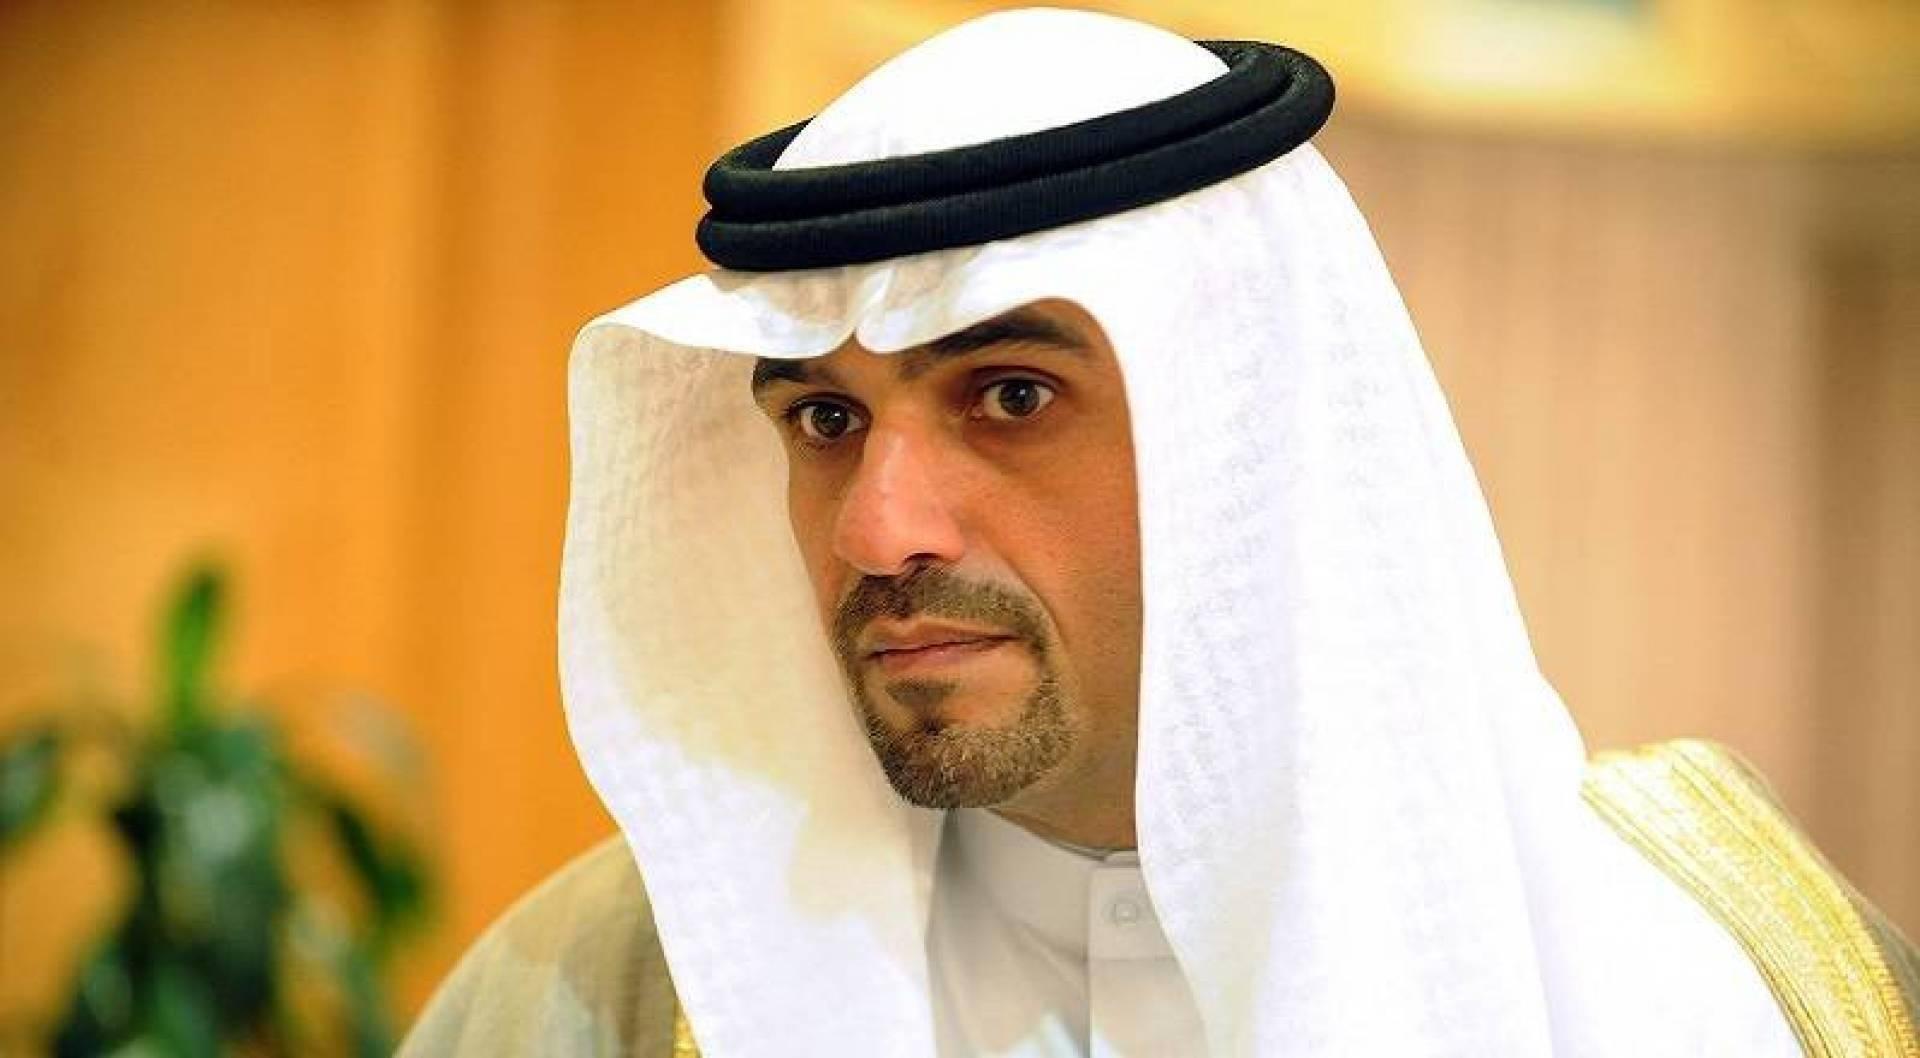 وزير الداخلية يصدر قراراً بمنح مهلة لمخالفي الإقامة بالمغادرة ابتداءً من تاريخ 1 أبريل وحتى نهايته